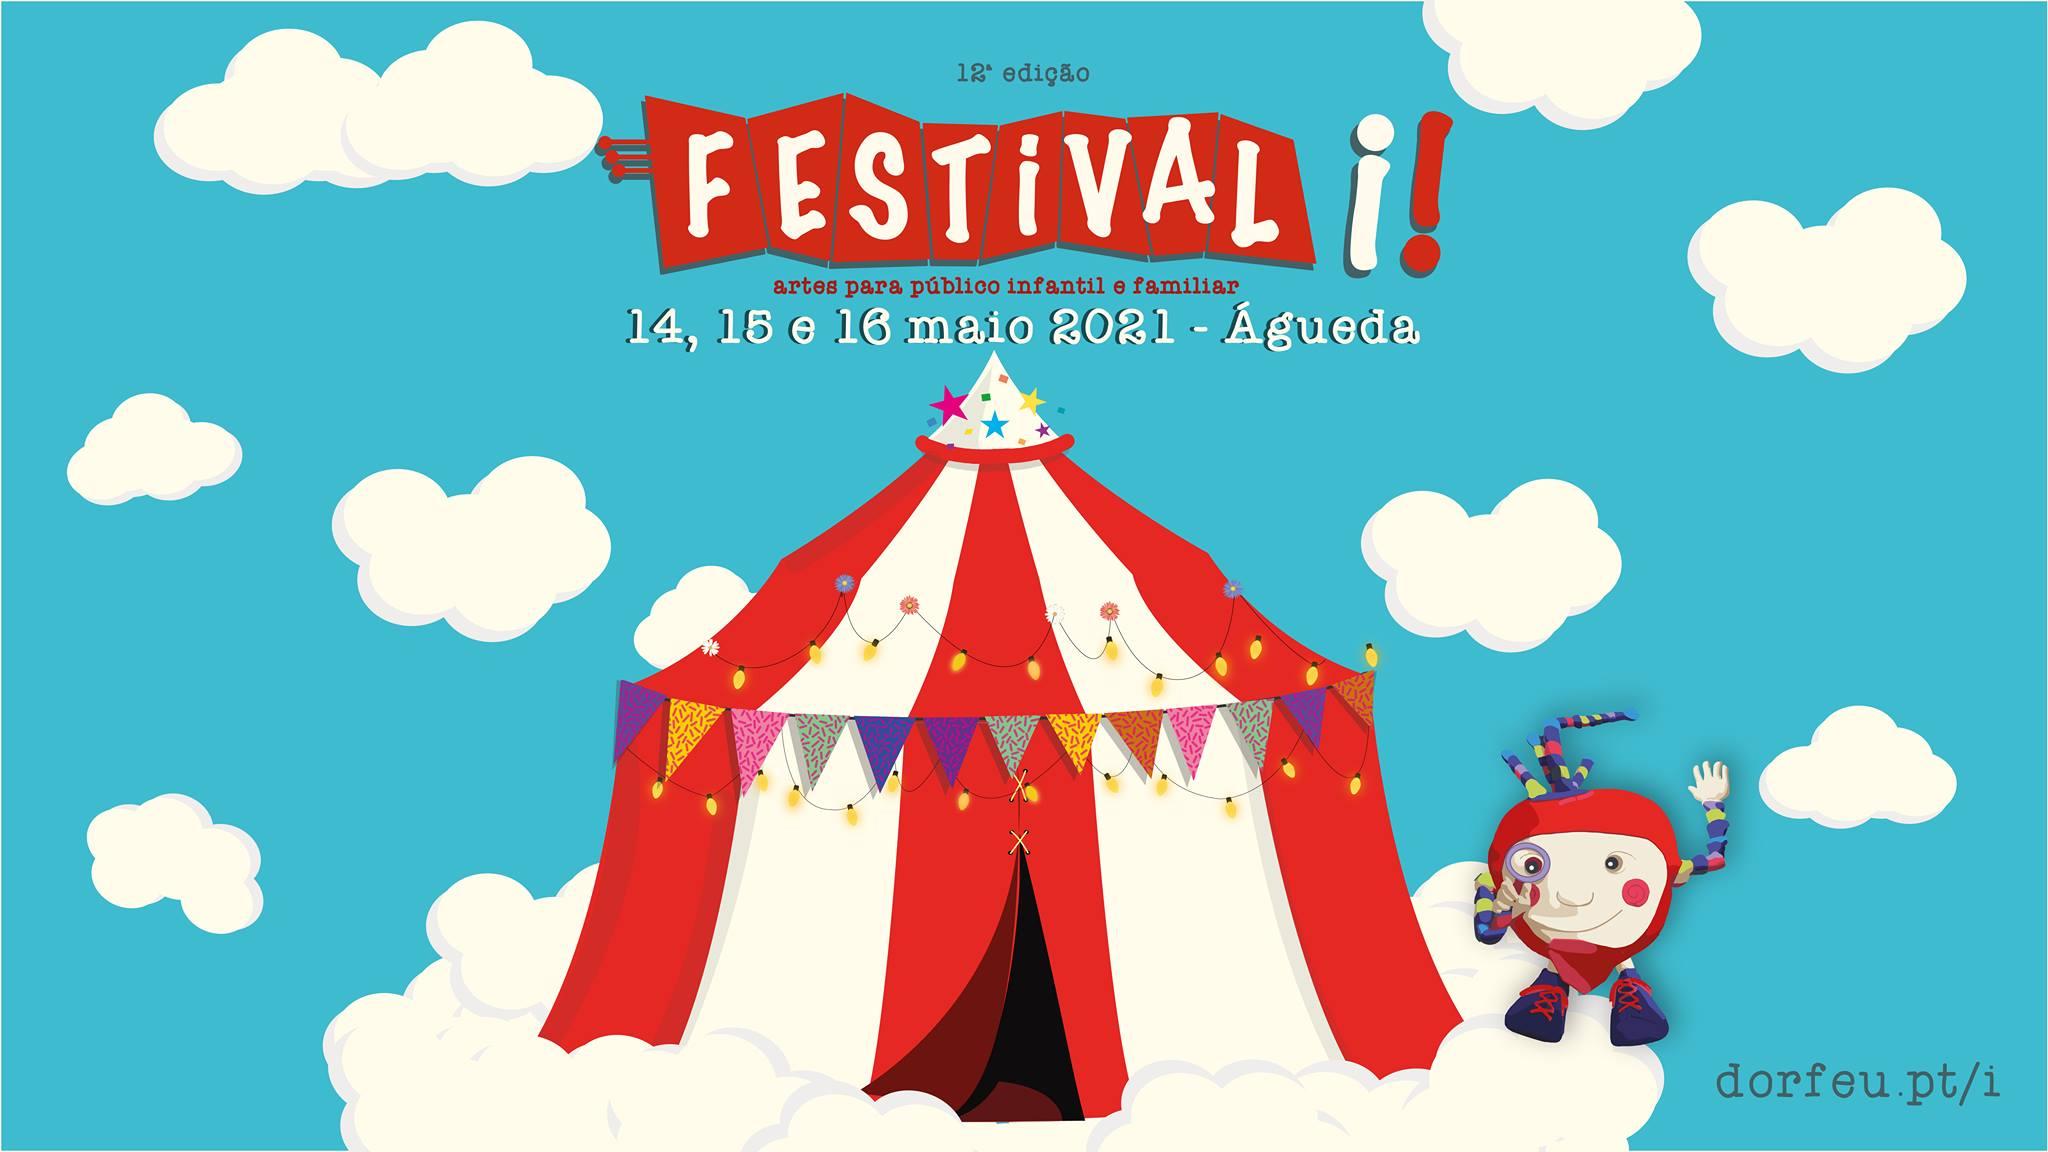 12.º Festival i! regressa a Águeda em Maio